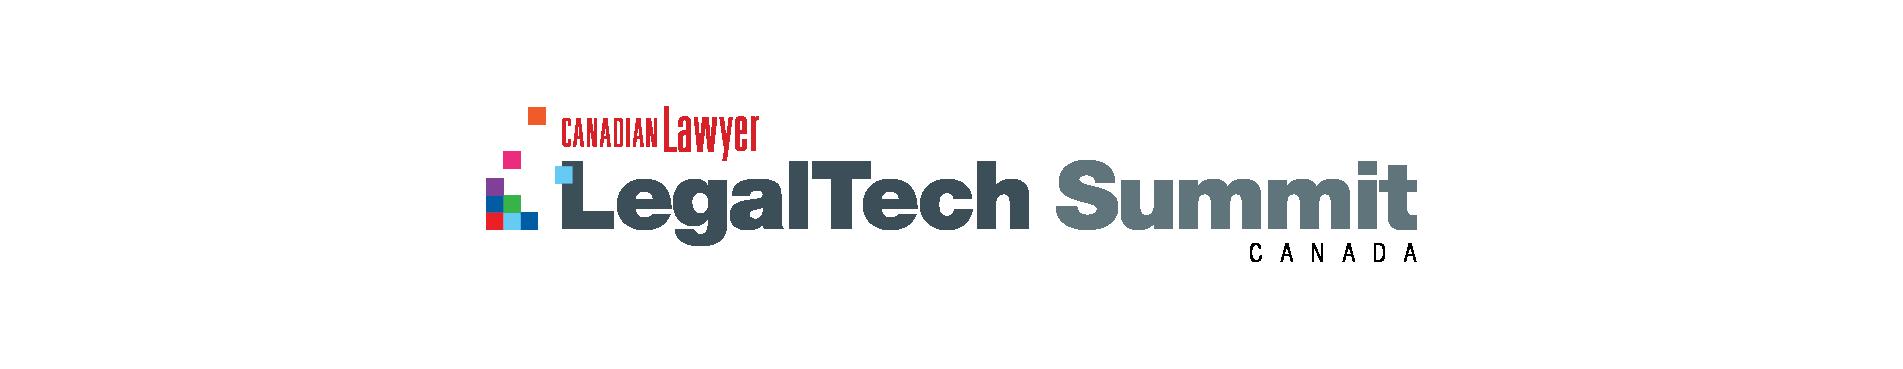 Legal Tech Summit Canada